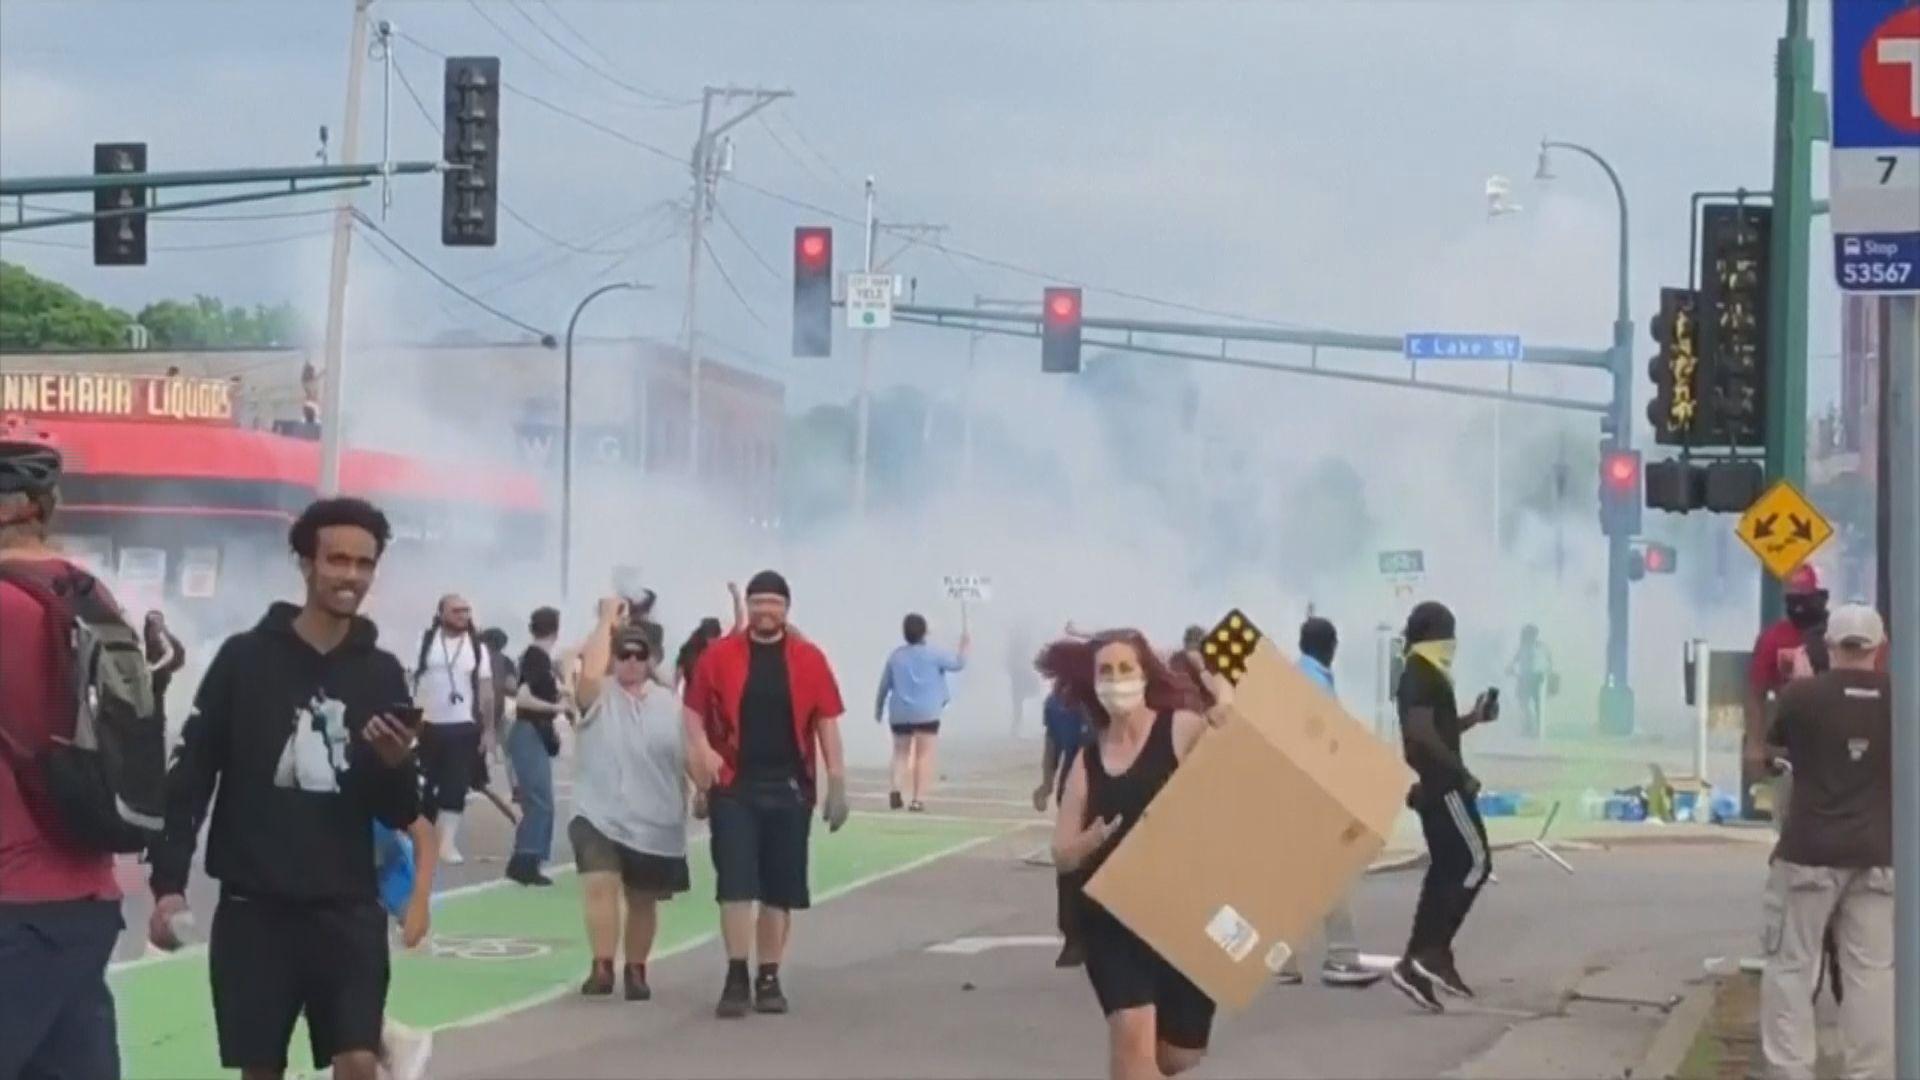 美國黑人遭警膝蓋壓頸送院後亡 當地連日示威抗議警暴